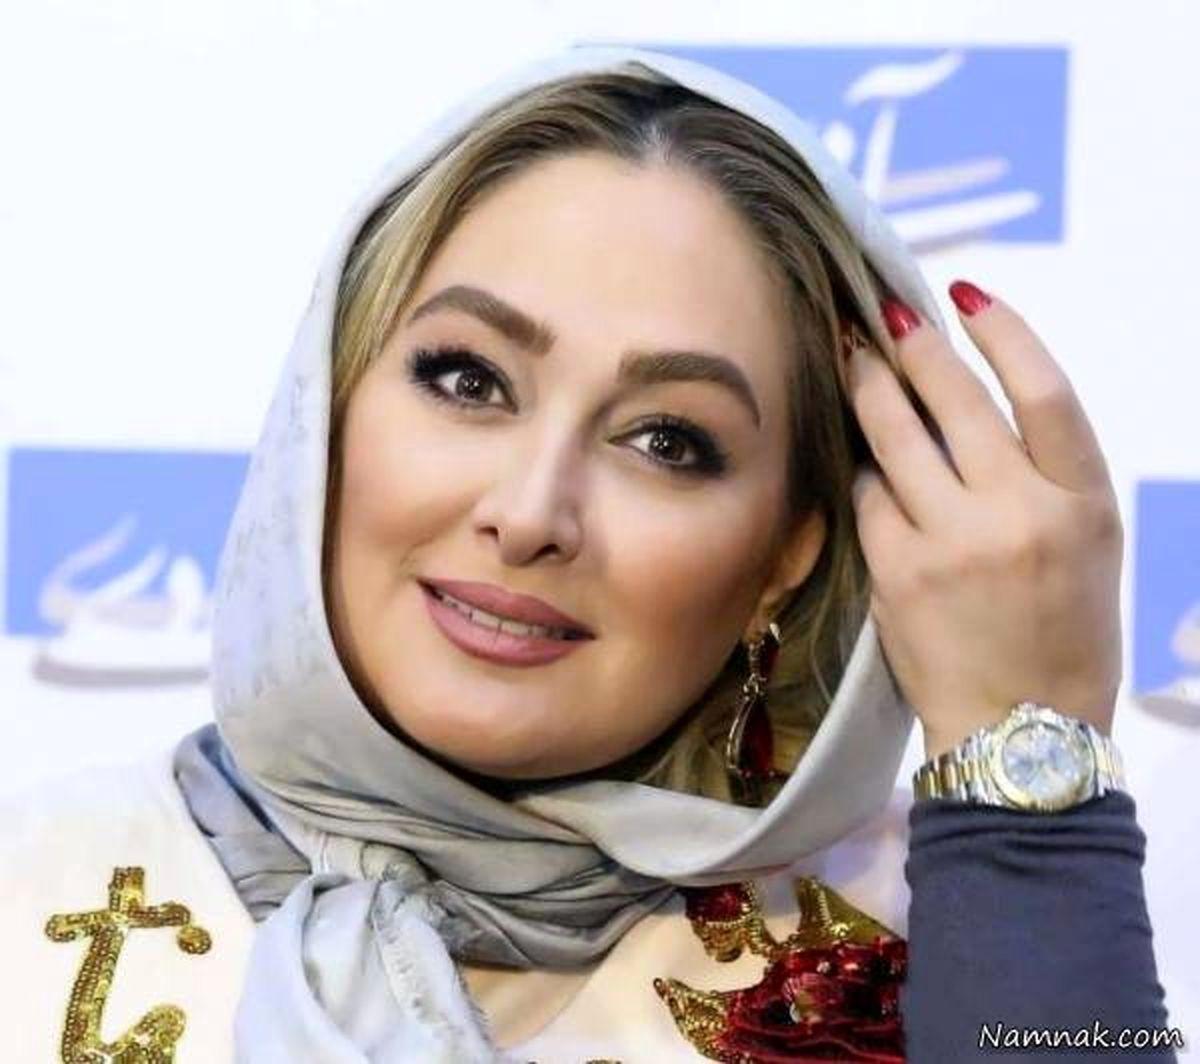 لاغری شدید الهام حمیدی بعد از زایمانش   عکس همسر ورزشکار الهام حمیدی